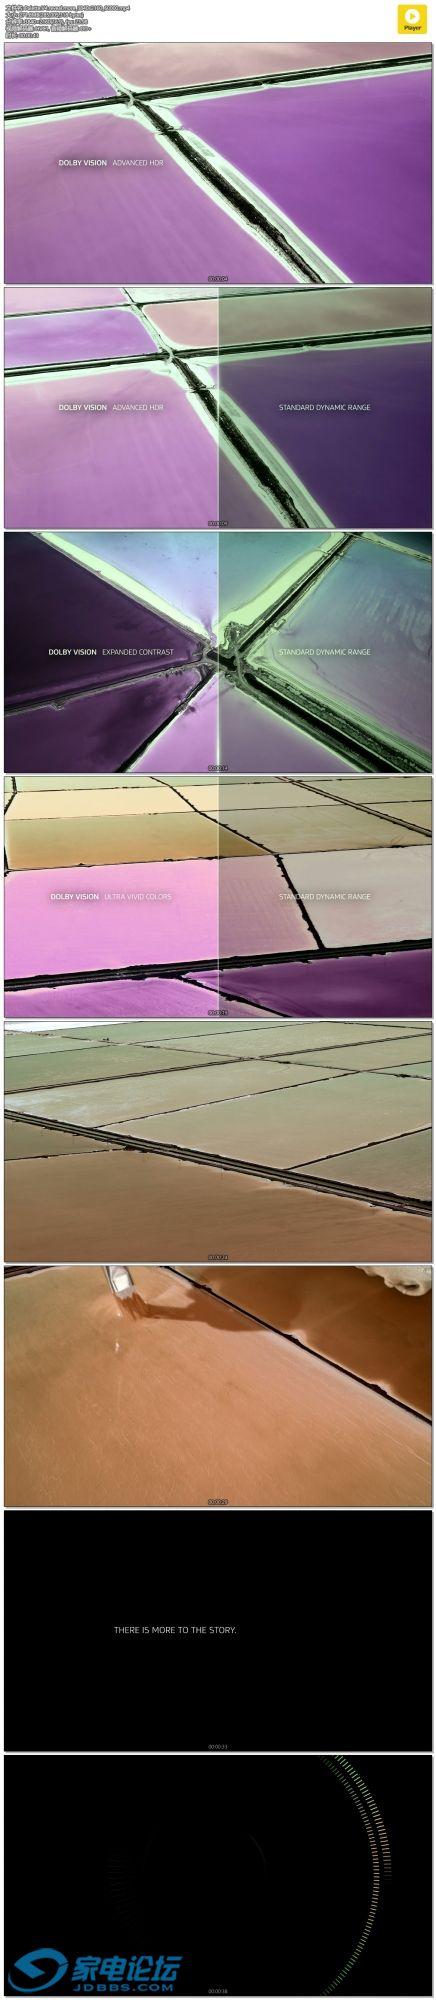 Palette.V4.reveal.more_3840x2160_60000.mp4.jpg